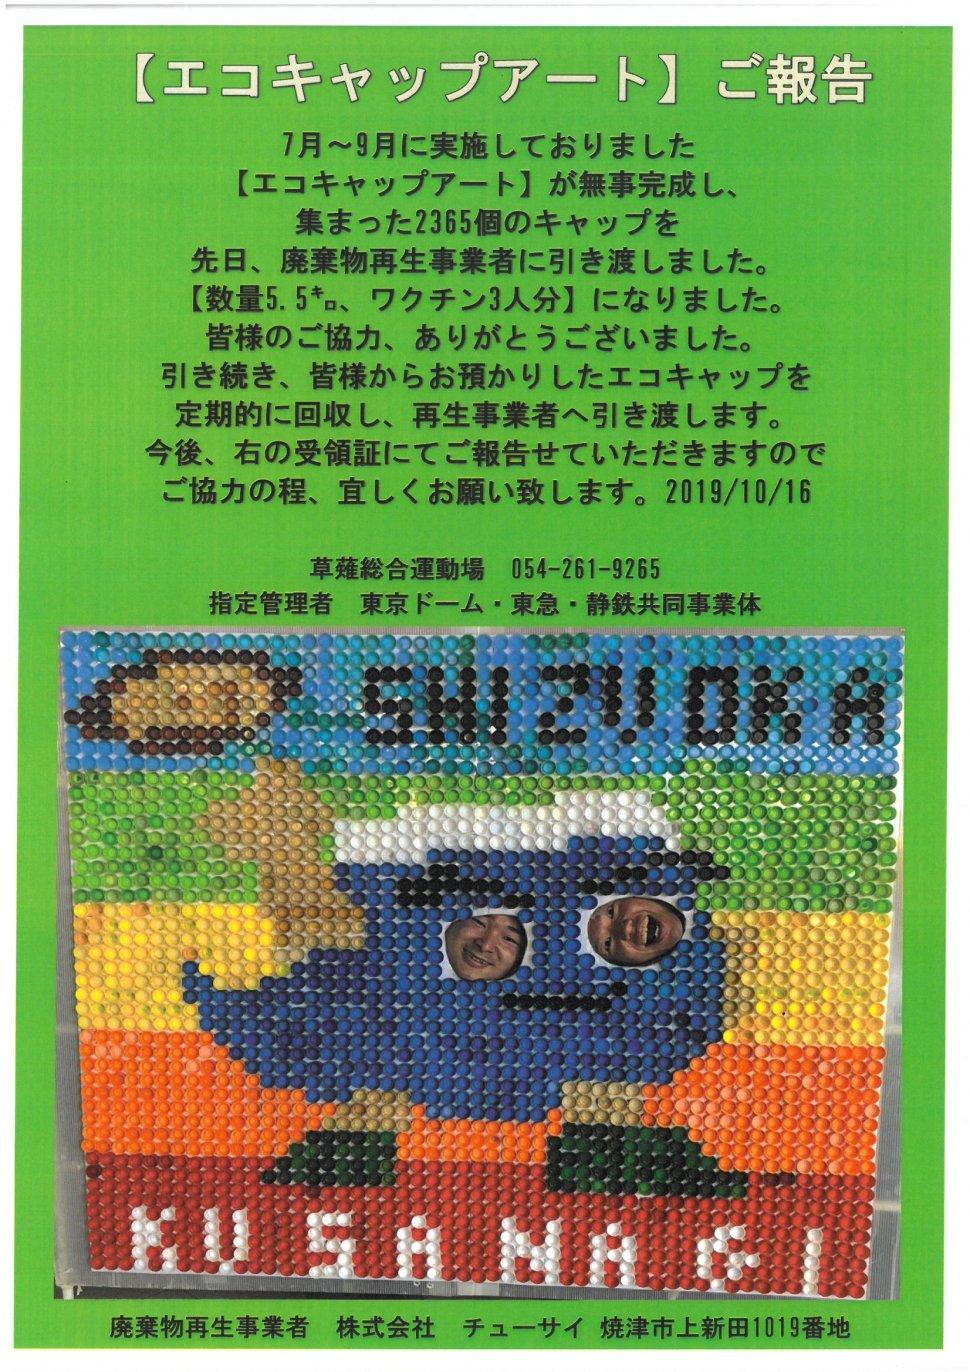 SKM_C25819101714180